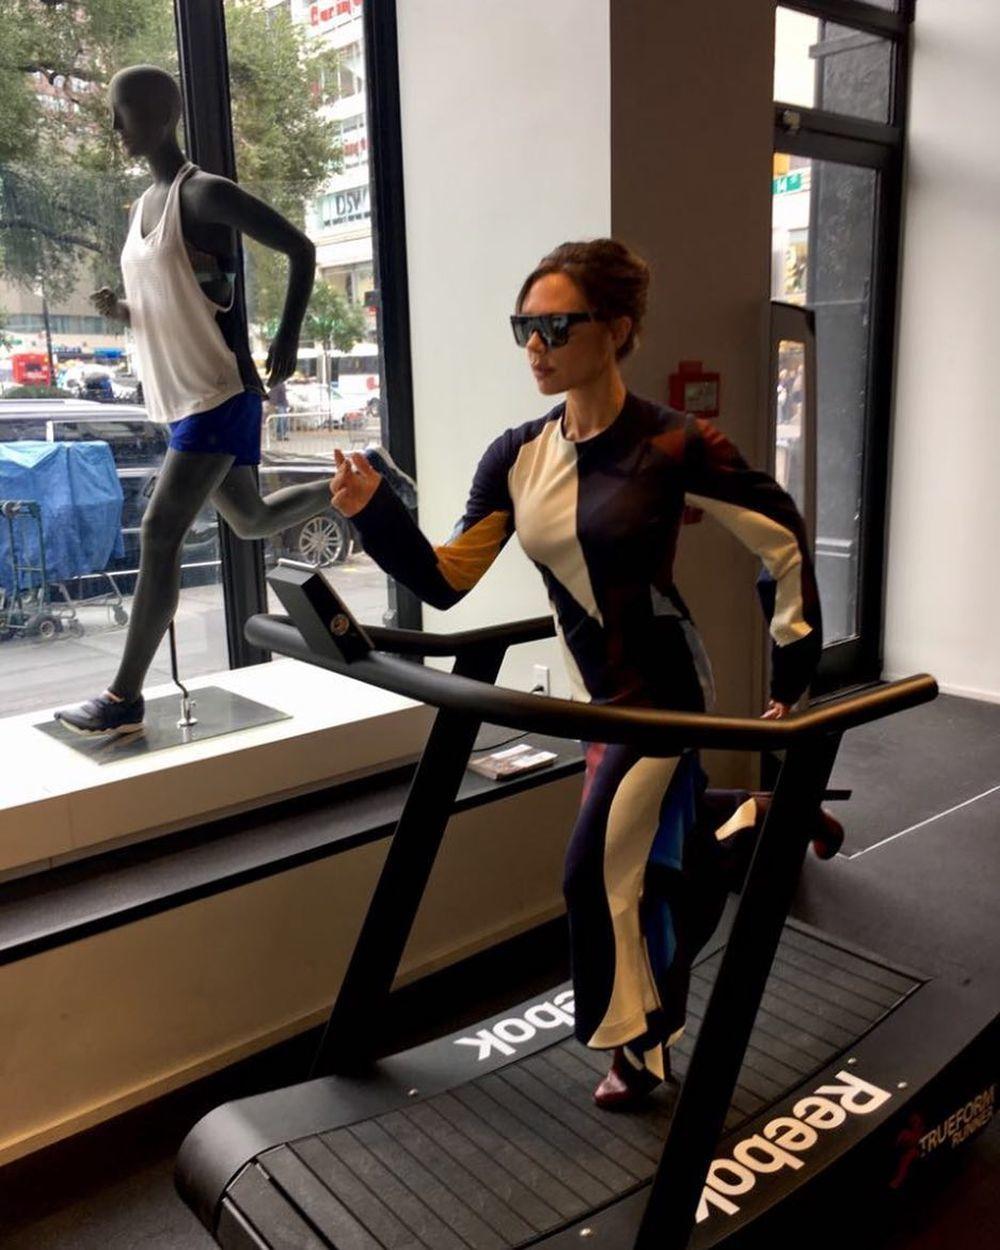 Victoria Beckam posa en una cinta de correr de Reebok con tacones.